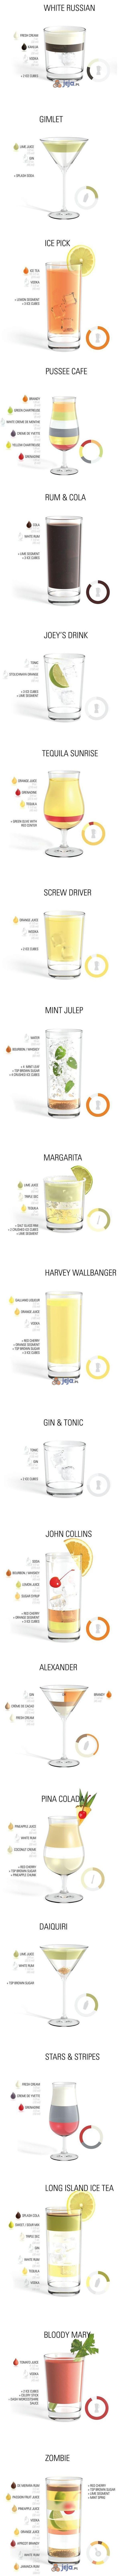 Przepisy na kolorowe drinki